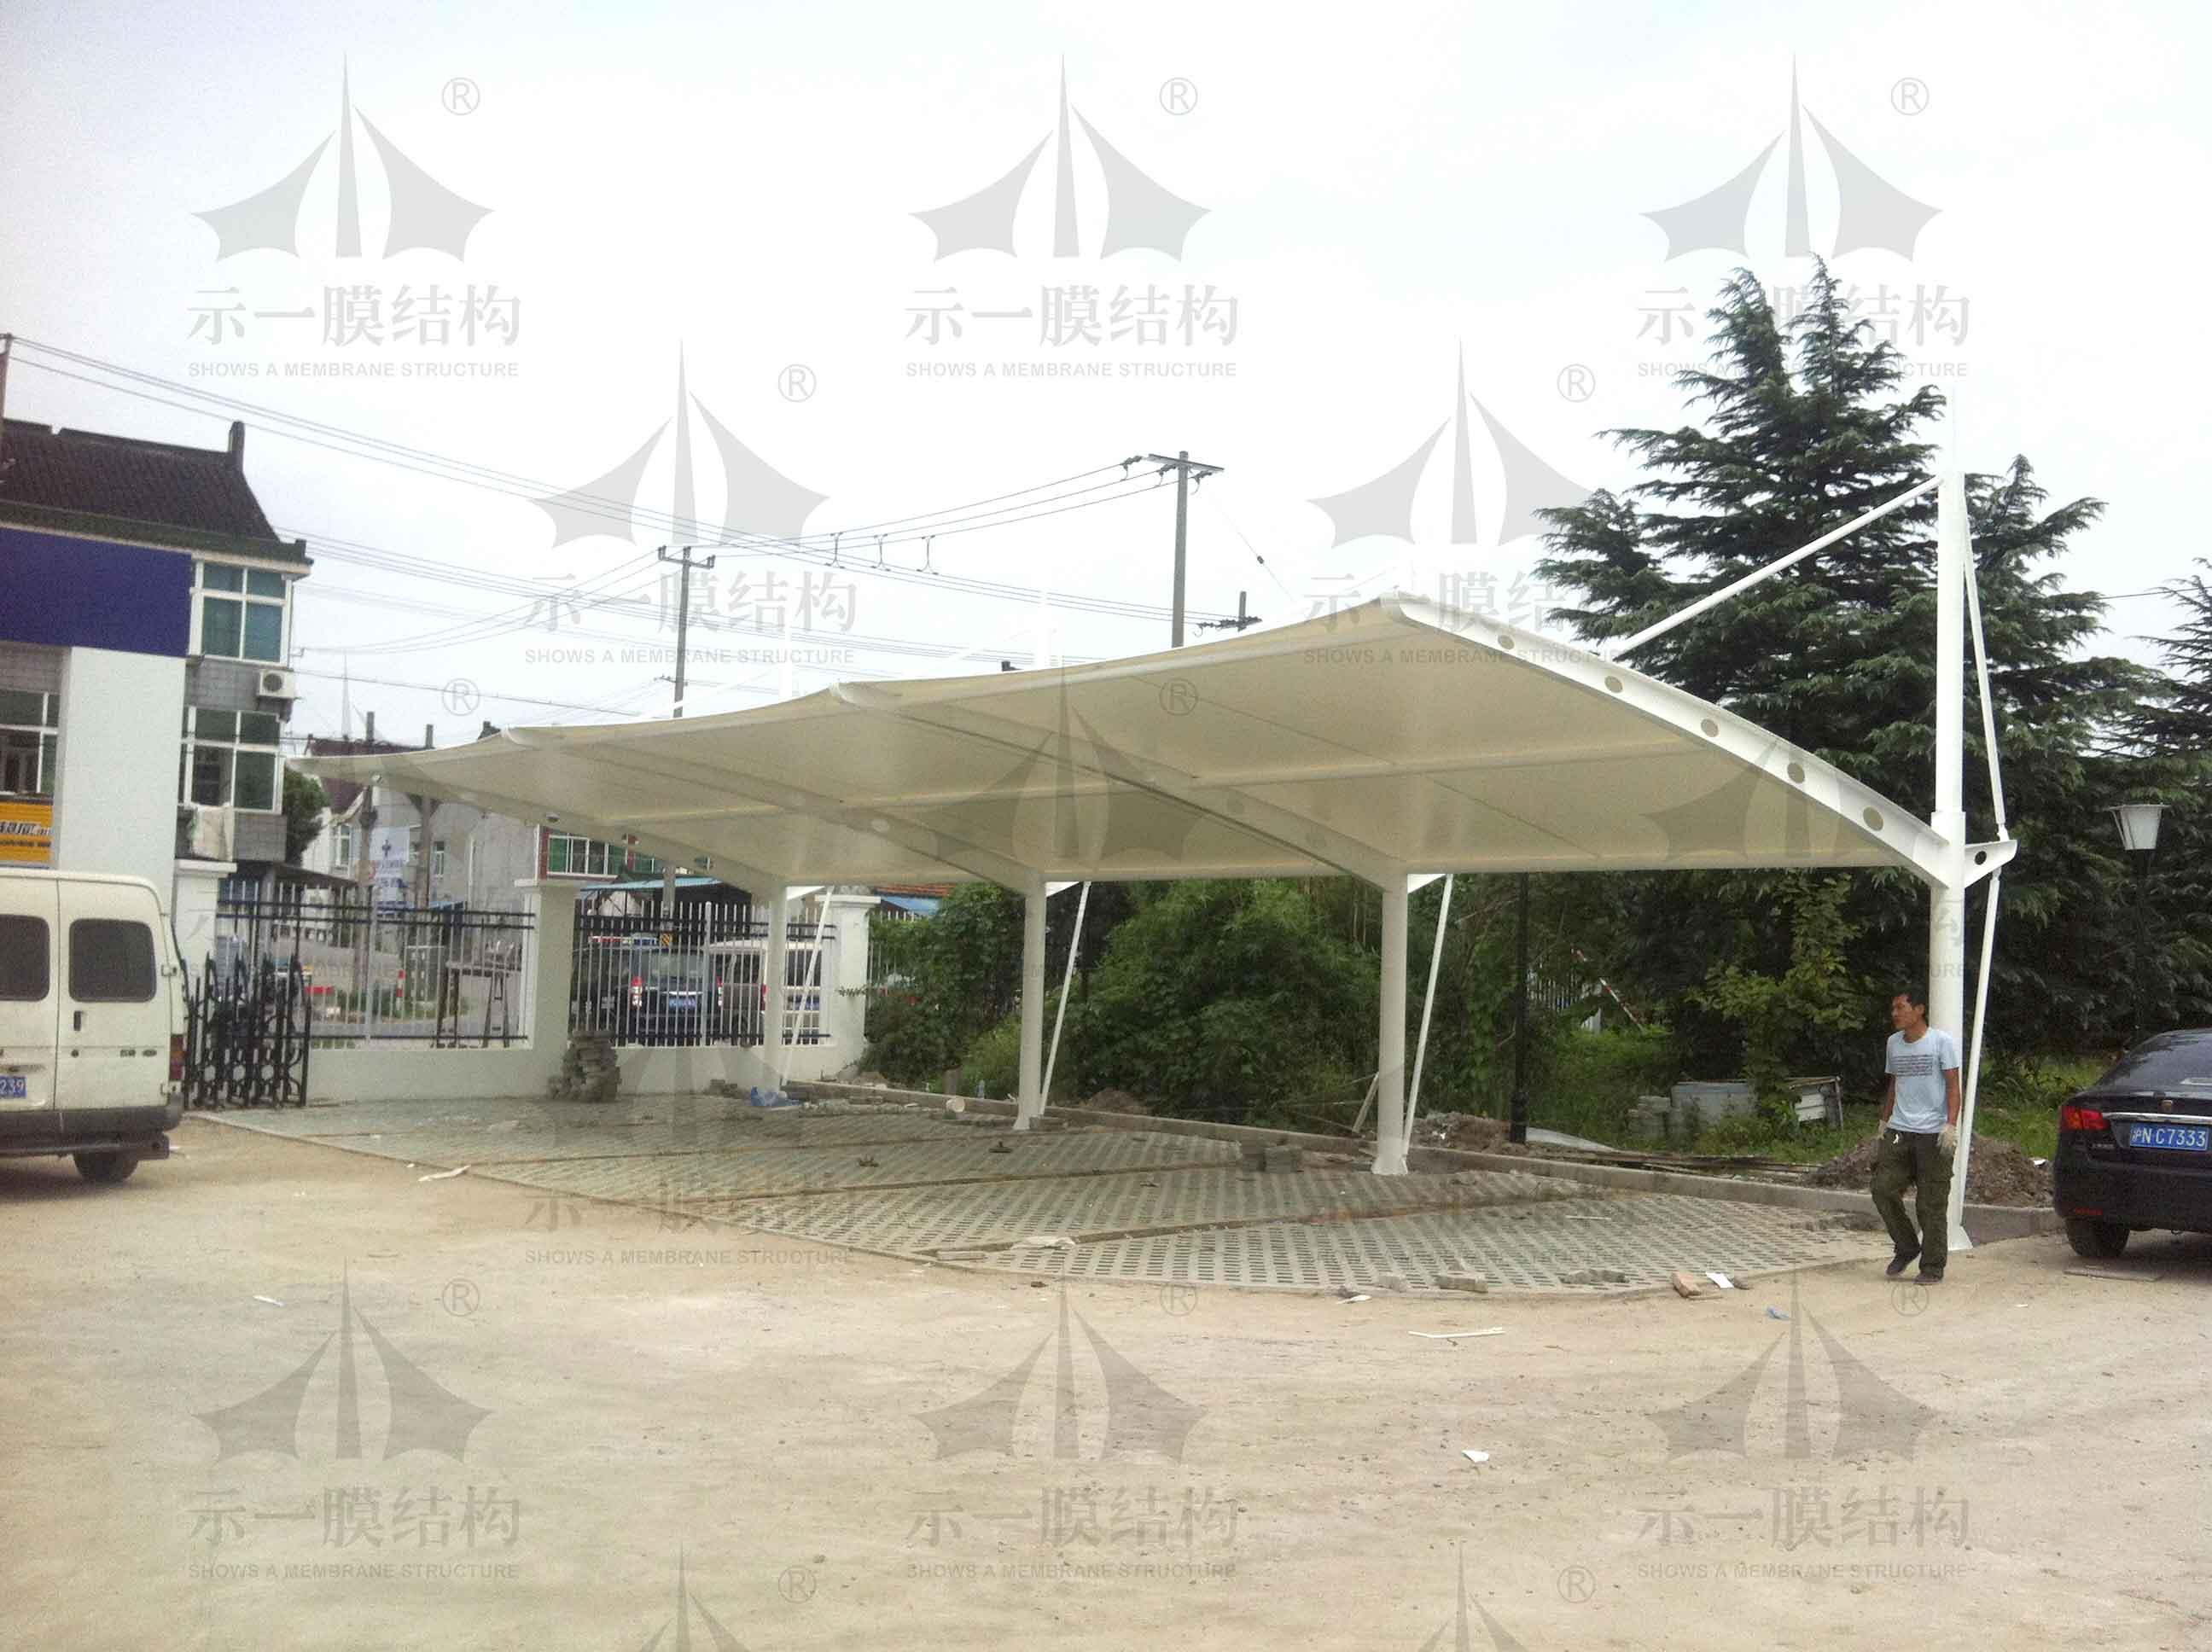 上海示一膜结构吕巷镇派出所停车棚